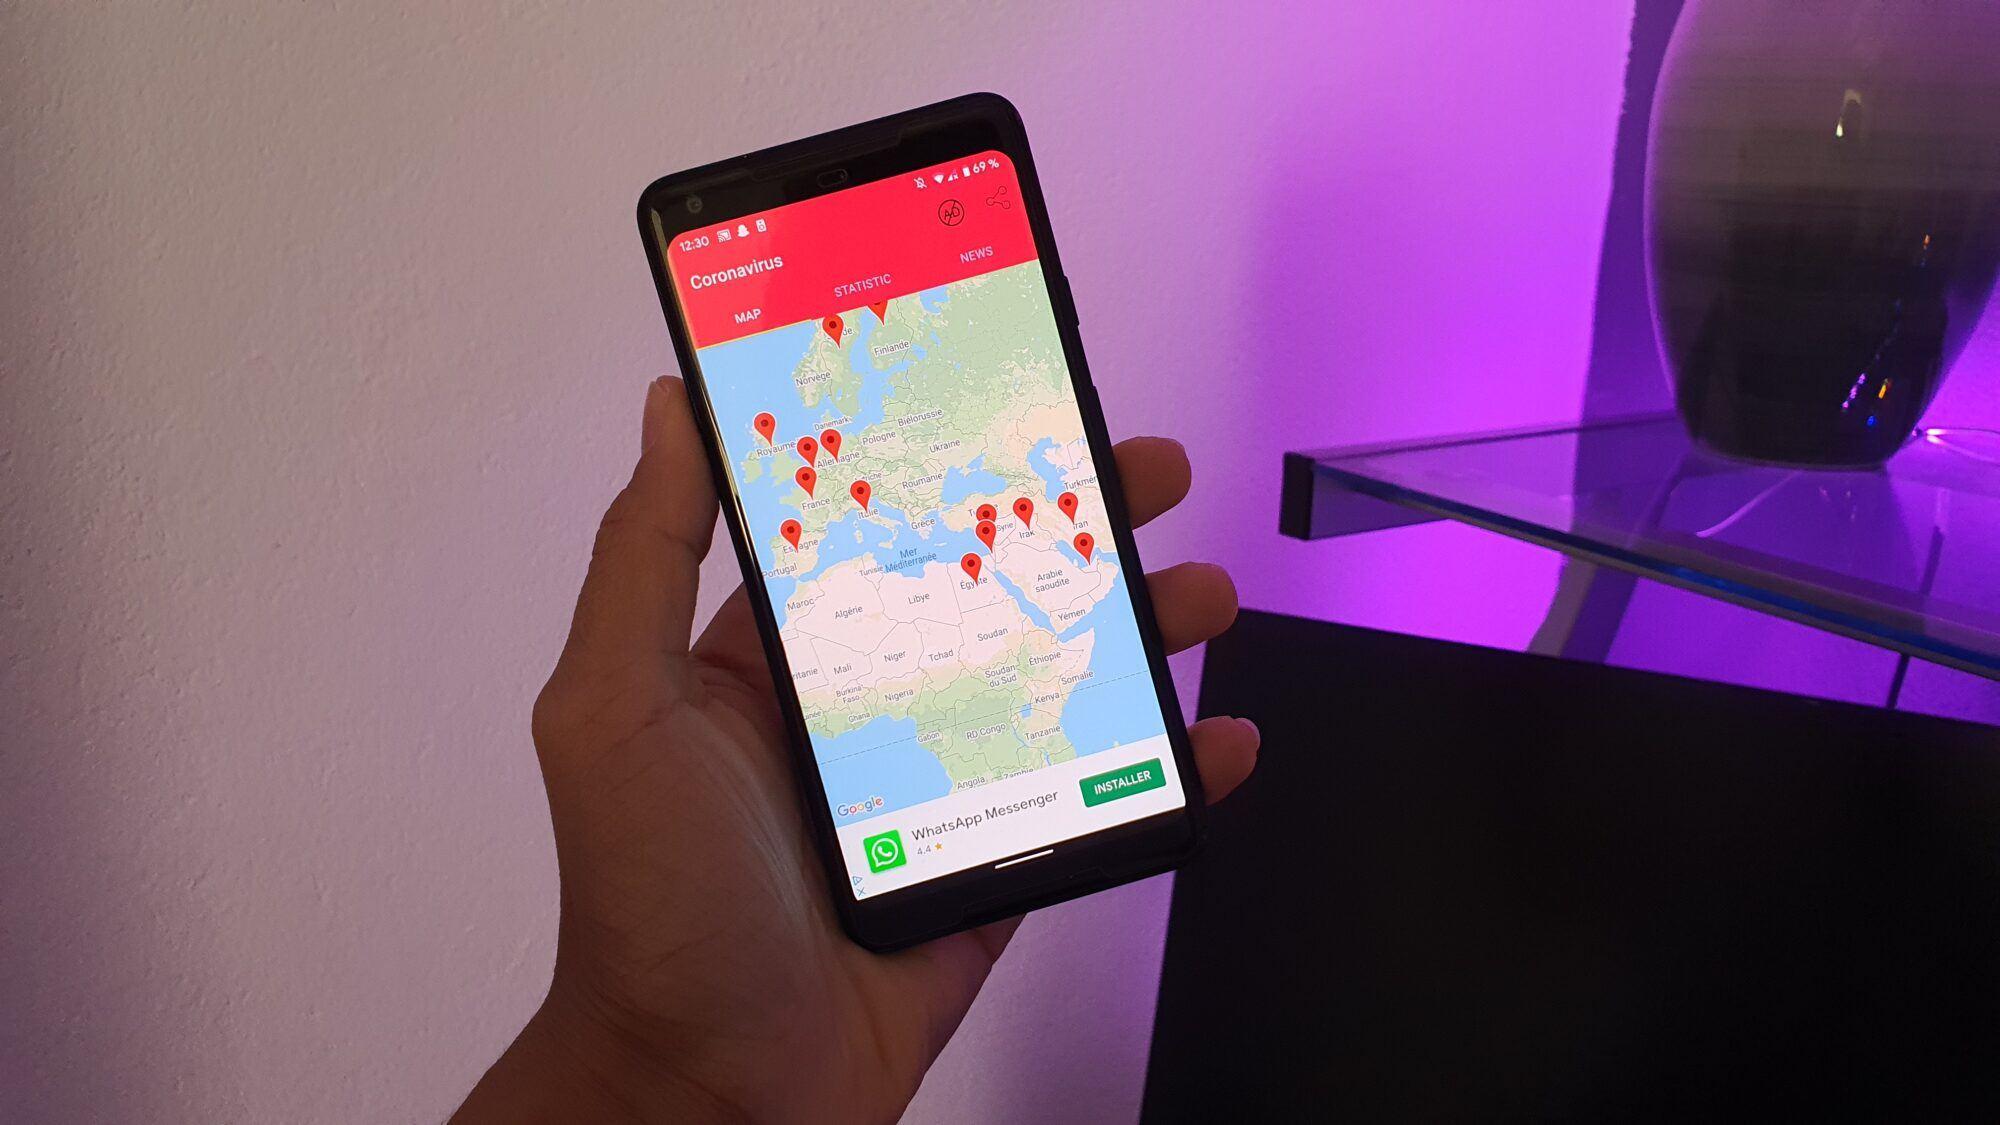 Coronavirus, Comment suivre l'évolution du coronavirus sur votre smartphone Android ?